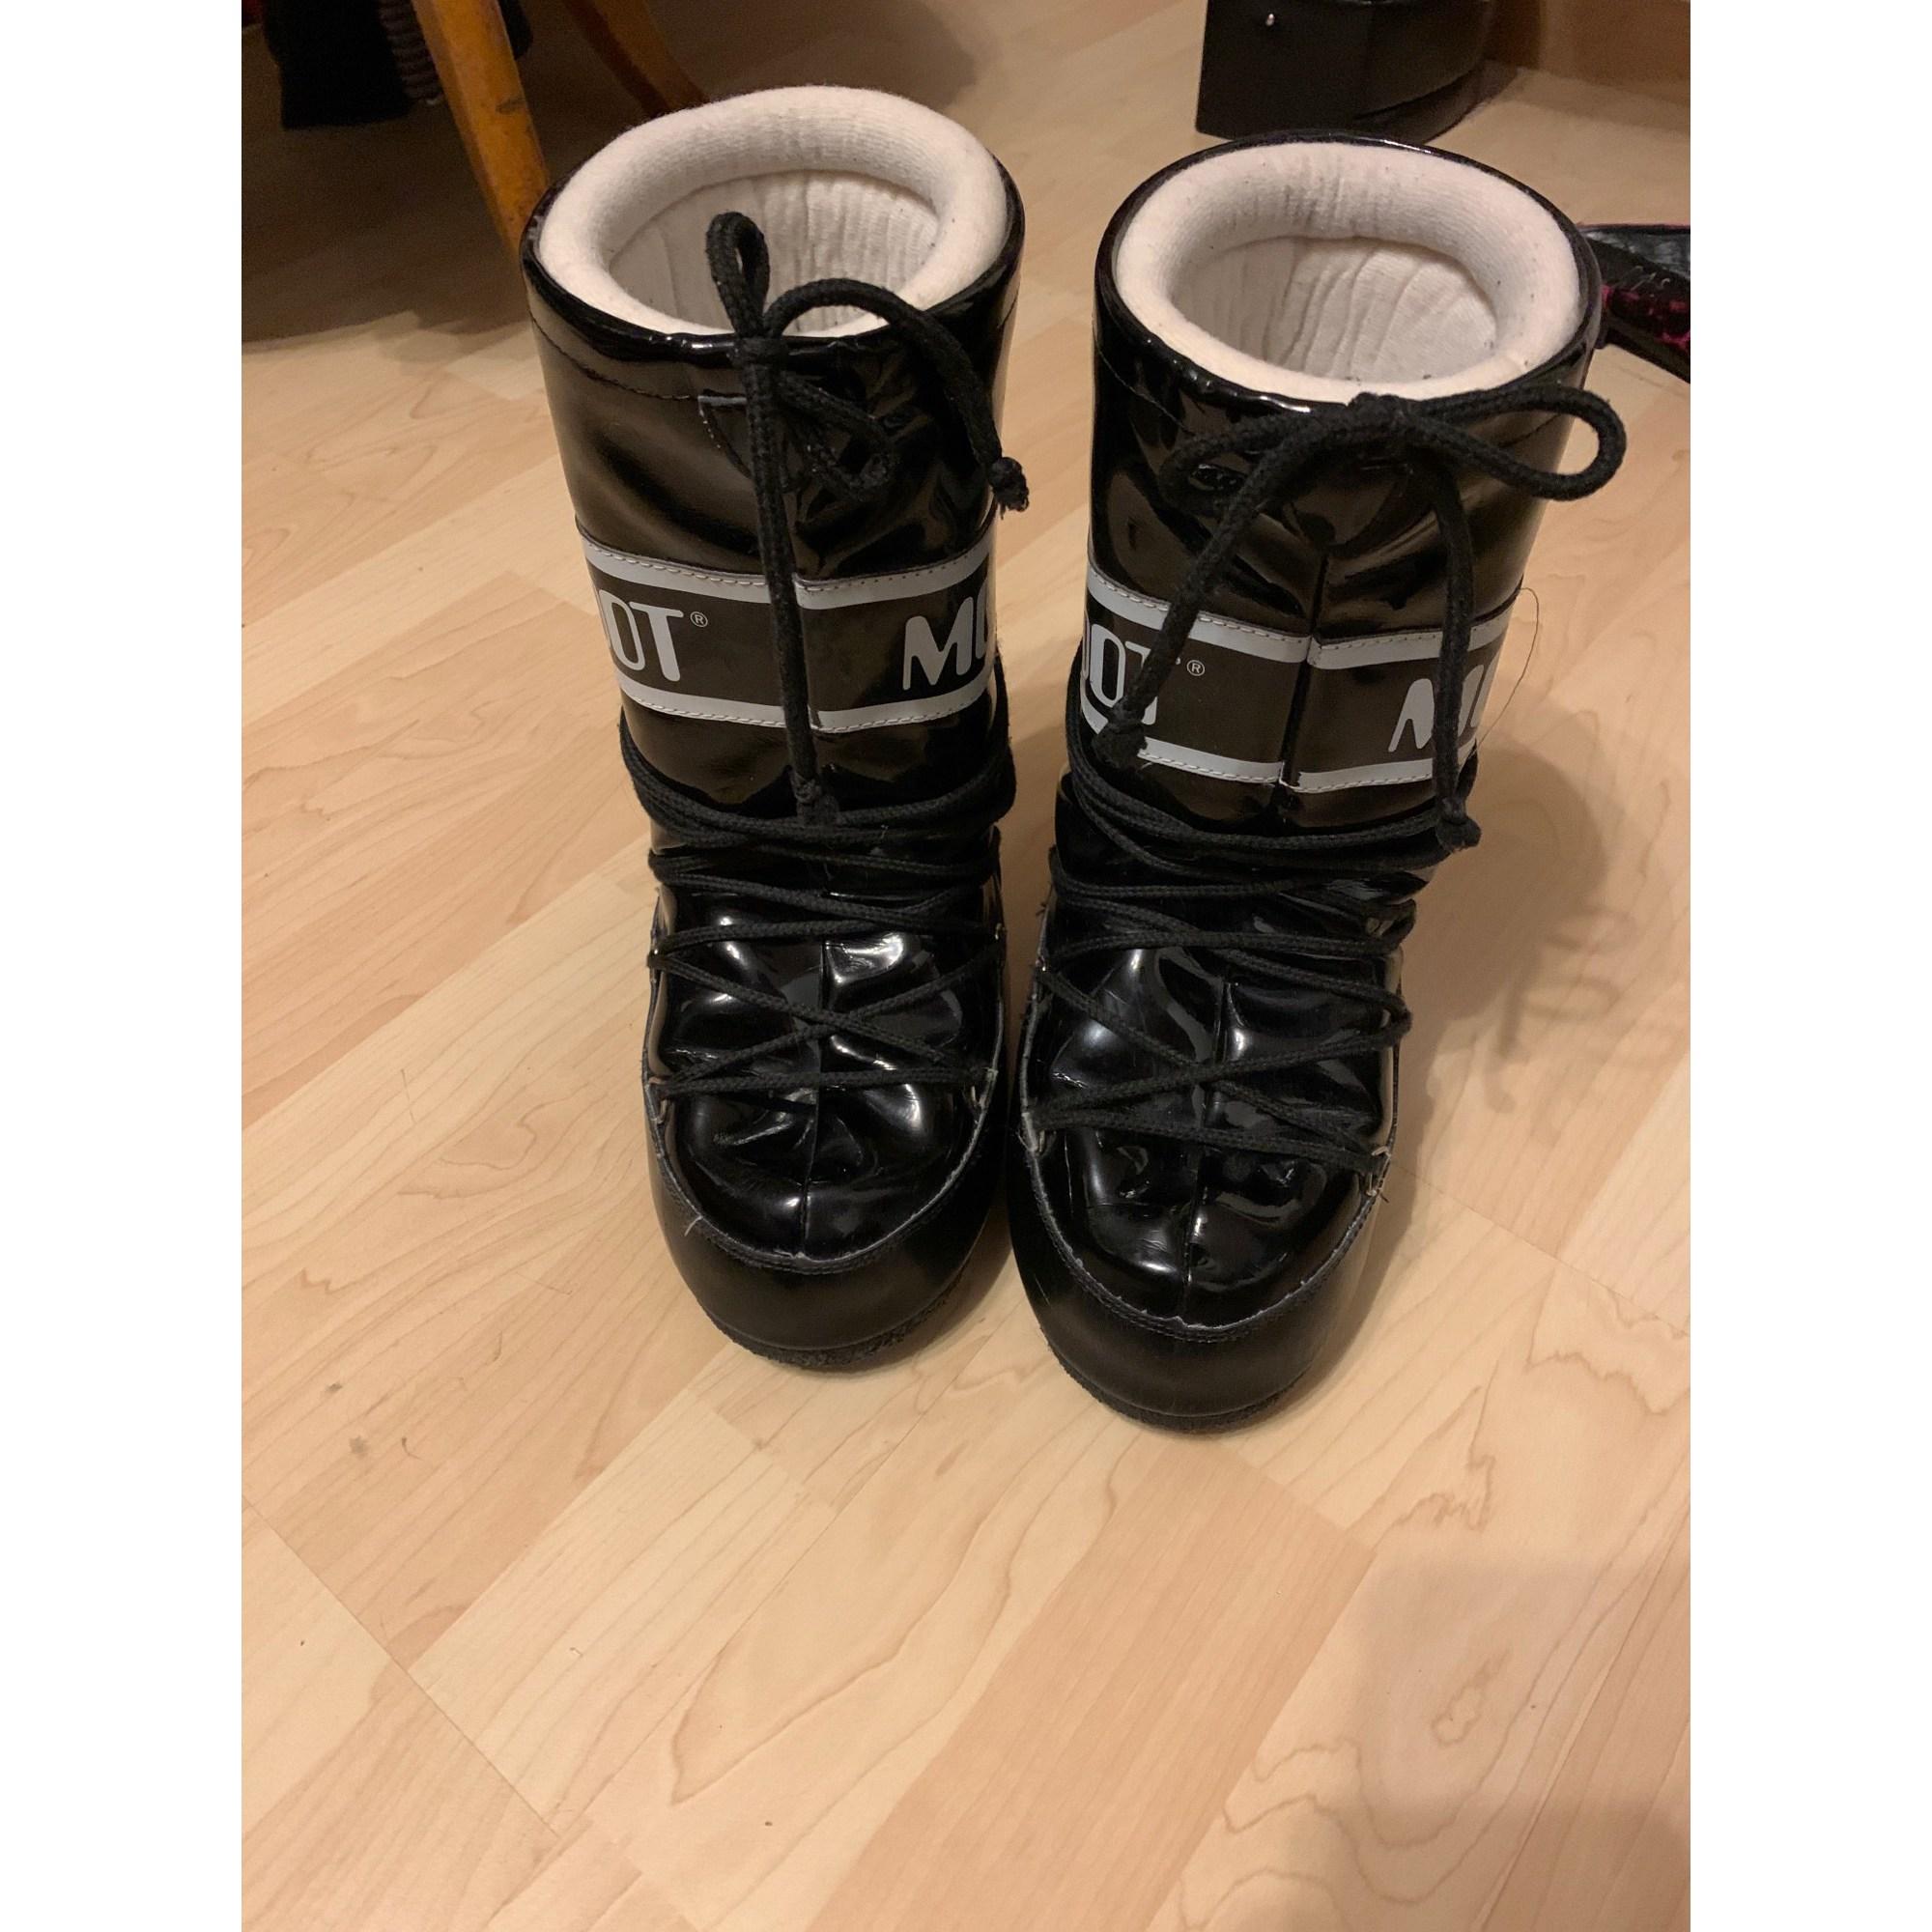 Bottes de neige MOON BOOTS plastique noir 33